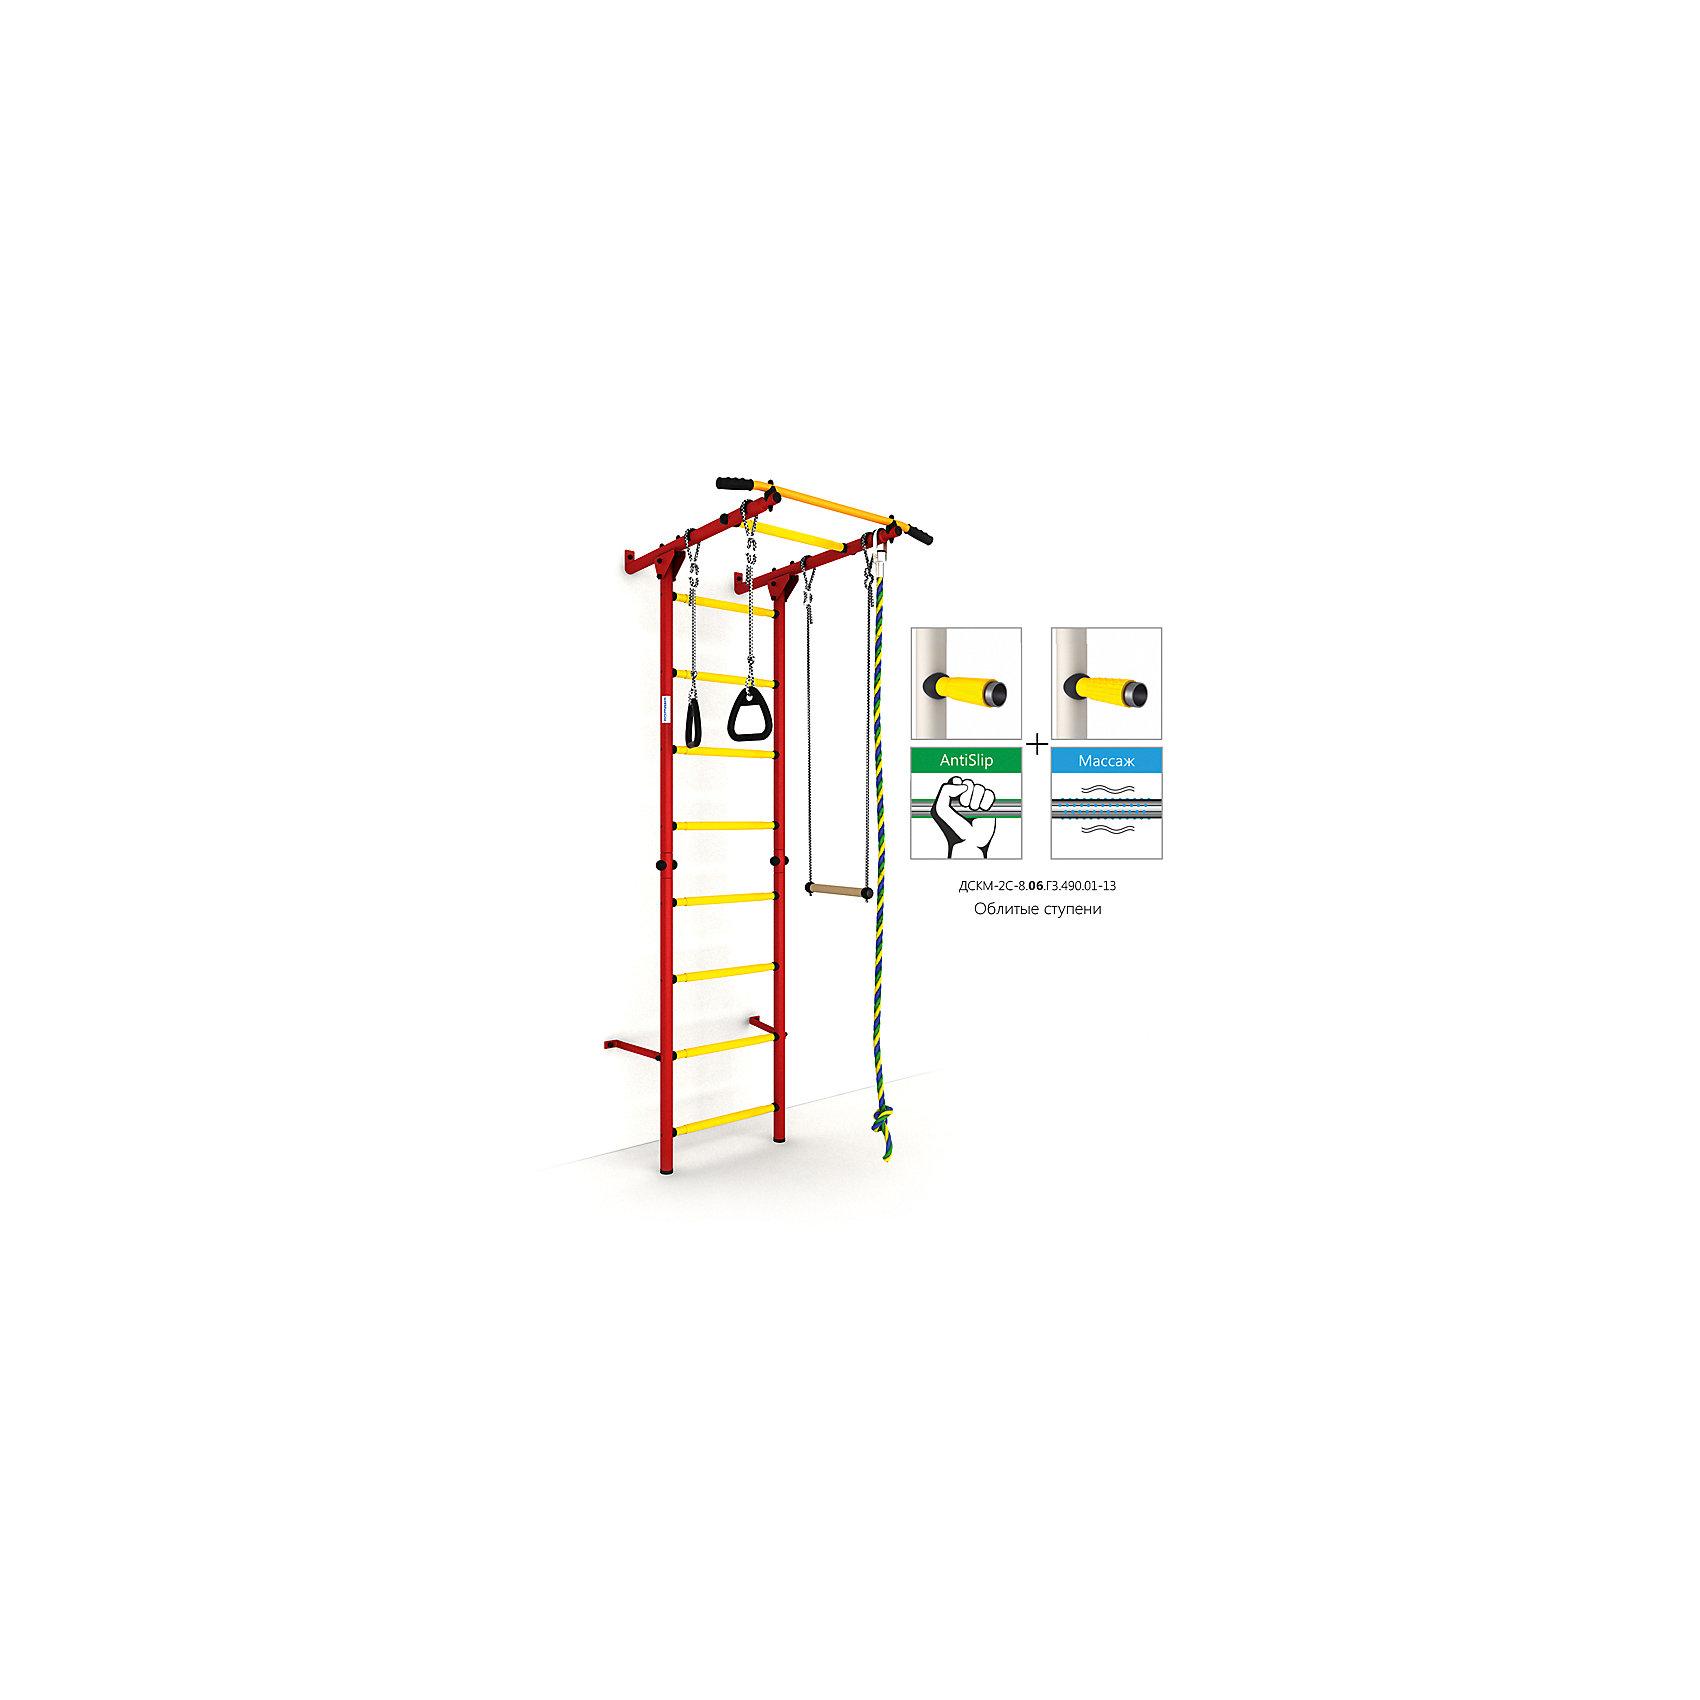 Шведская лестница Карусель S1, красный-желтыйШведские стенки<br>Карусель S1 использует внедренную ступень antislip (антискользящая), обеспечивающая более крепкий хват. Микромассажный эффект остальных ступеней помогает развитию общей моторики детей и является профилактикой плоскостопия.<br><br>Ширина мм: 1160<br>Глубина мм: 610<br>Высота мм: 140<br>Вес г: 23000<br>Возраст от месяцев: 36<br>Возраст до месяцев: 192<br>Пол: Унисекс<br>Возраст: Детский<br>SKU: 5251547